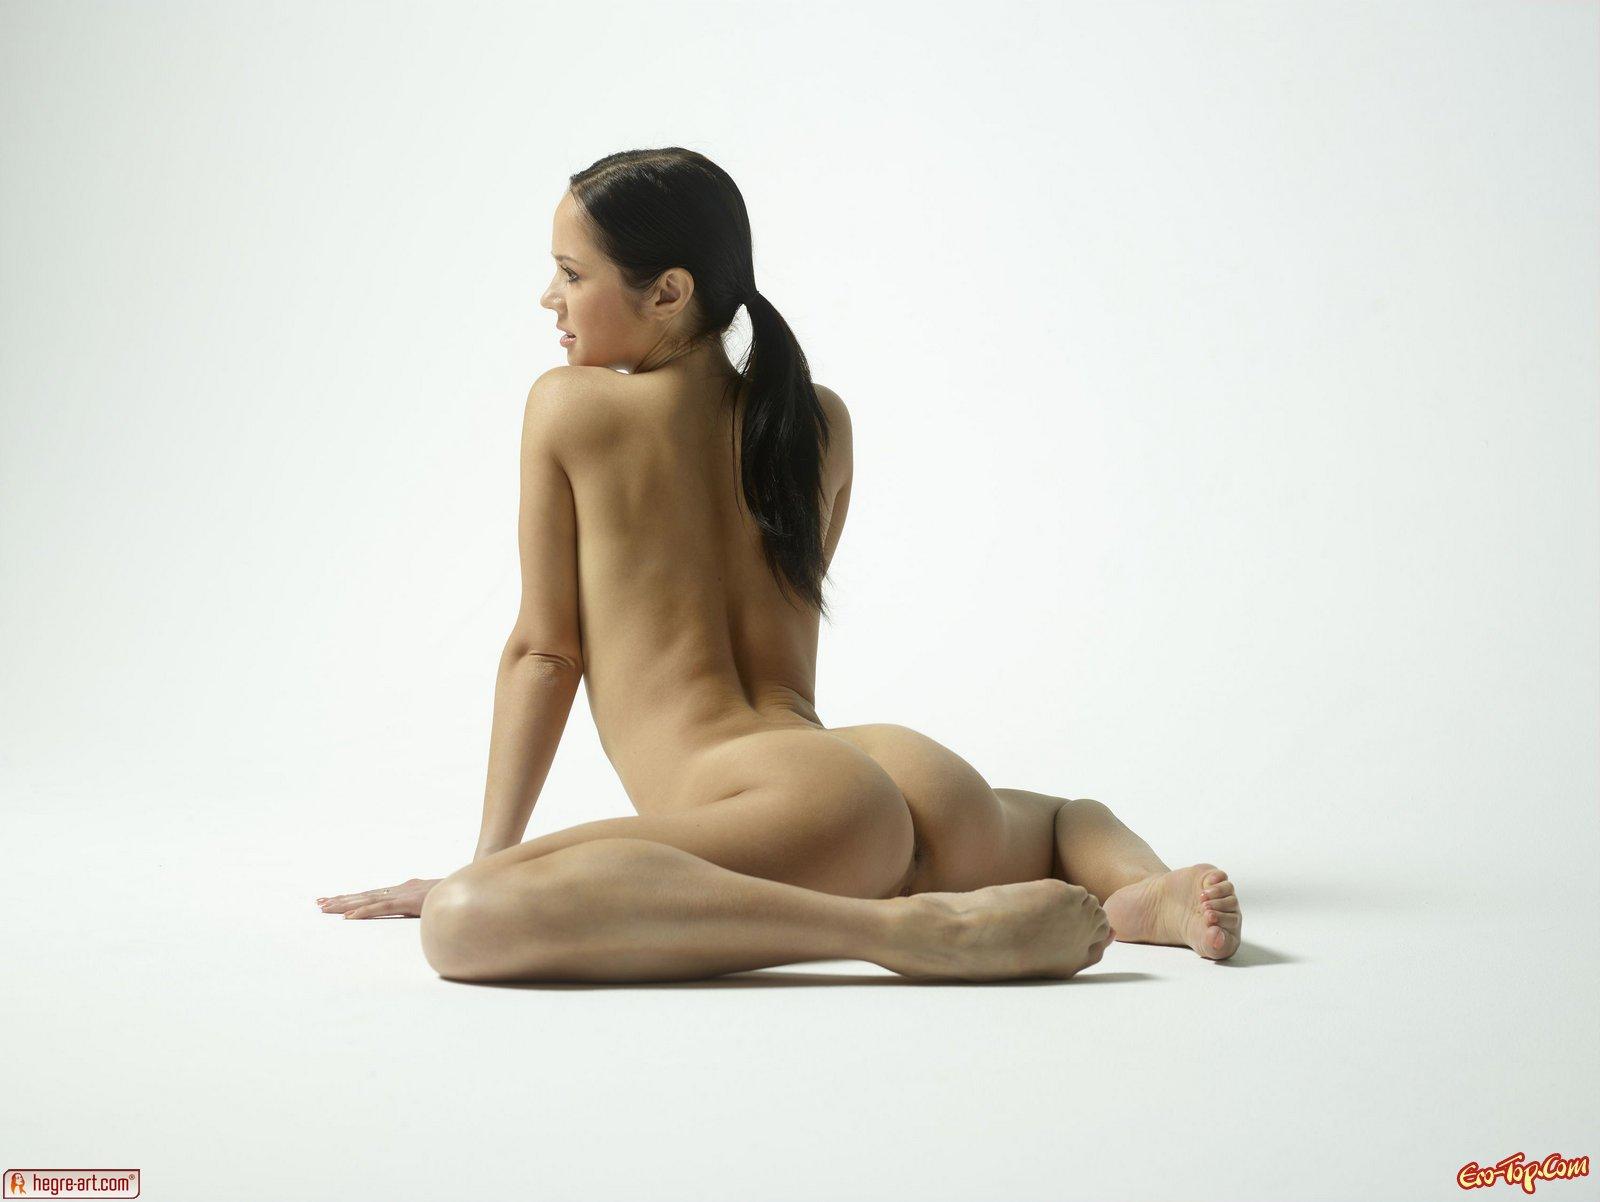 Шпагат голой гимнастки 25 фотография